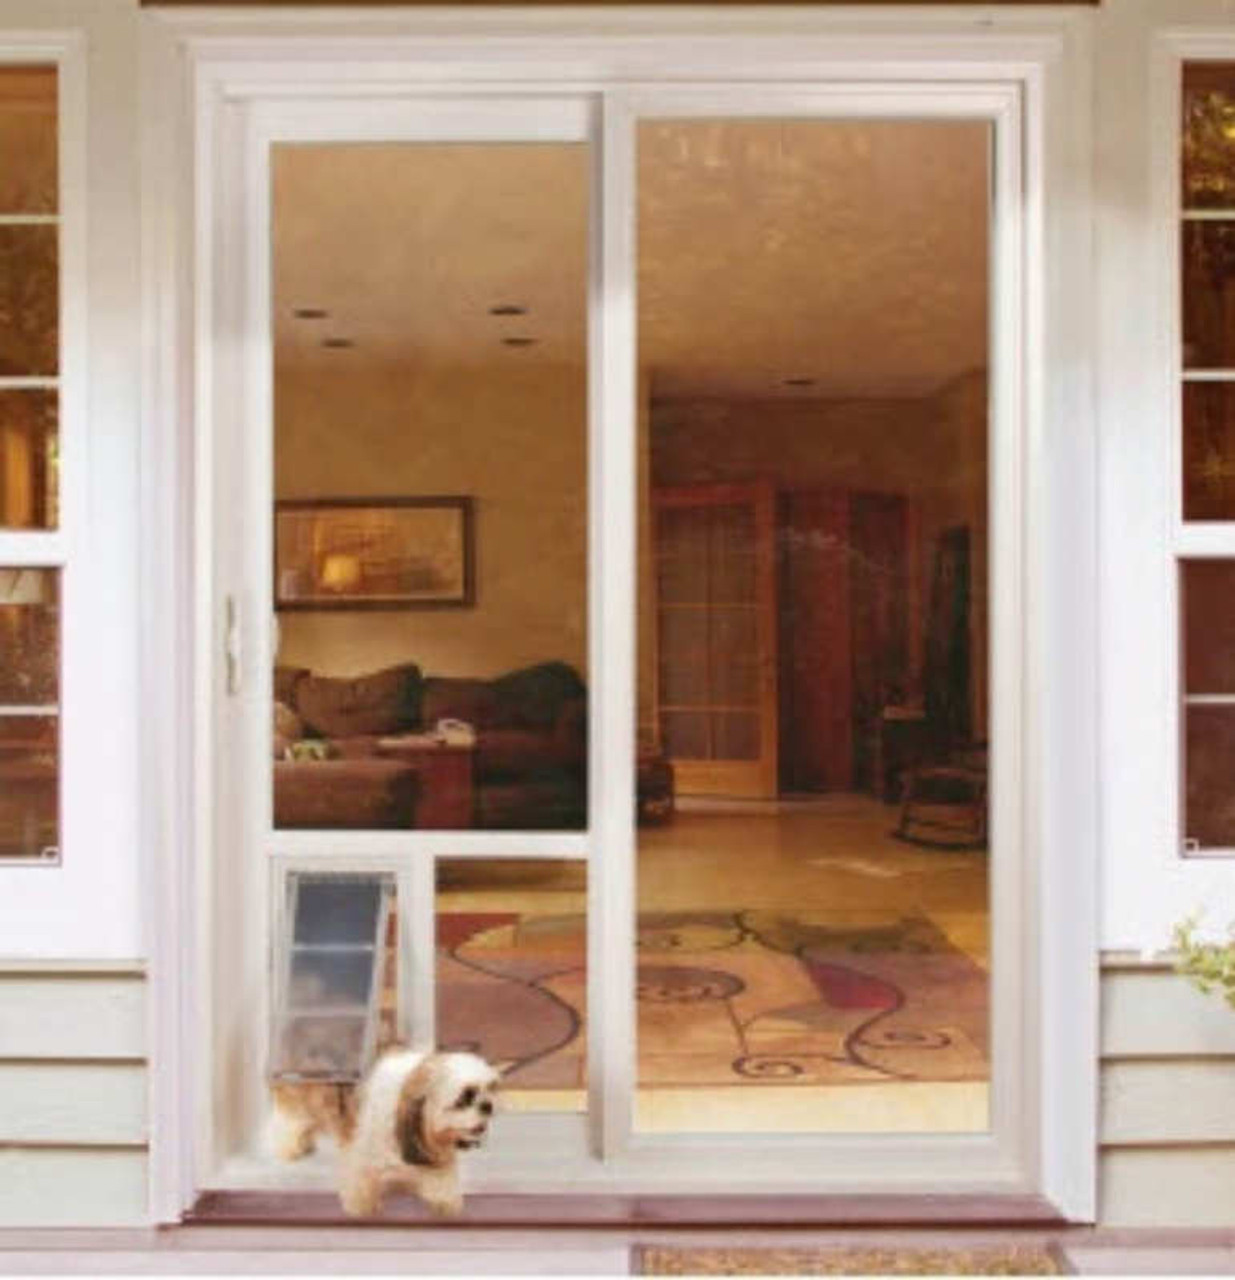 Pet Door Guys In Glass Doggy Doors is a replacement window for your sliding door or & Pet Door Guys Through Glass Doggy Door   Pet Door Store